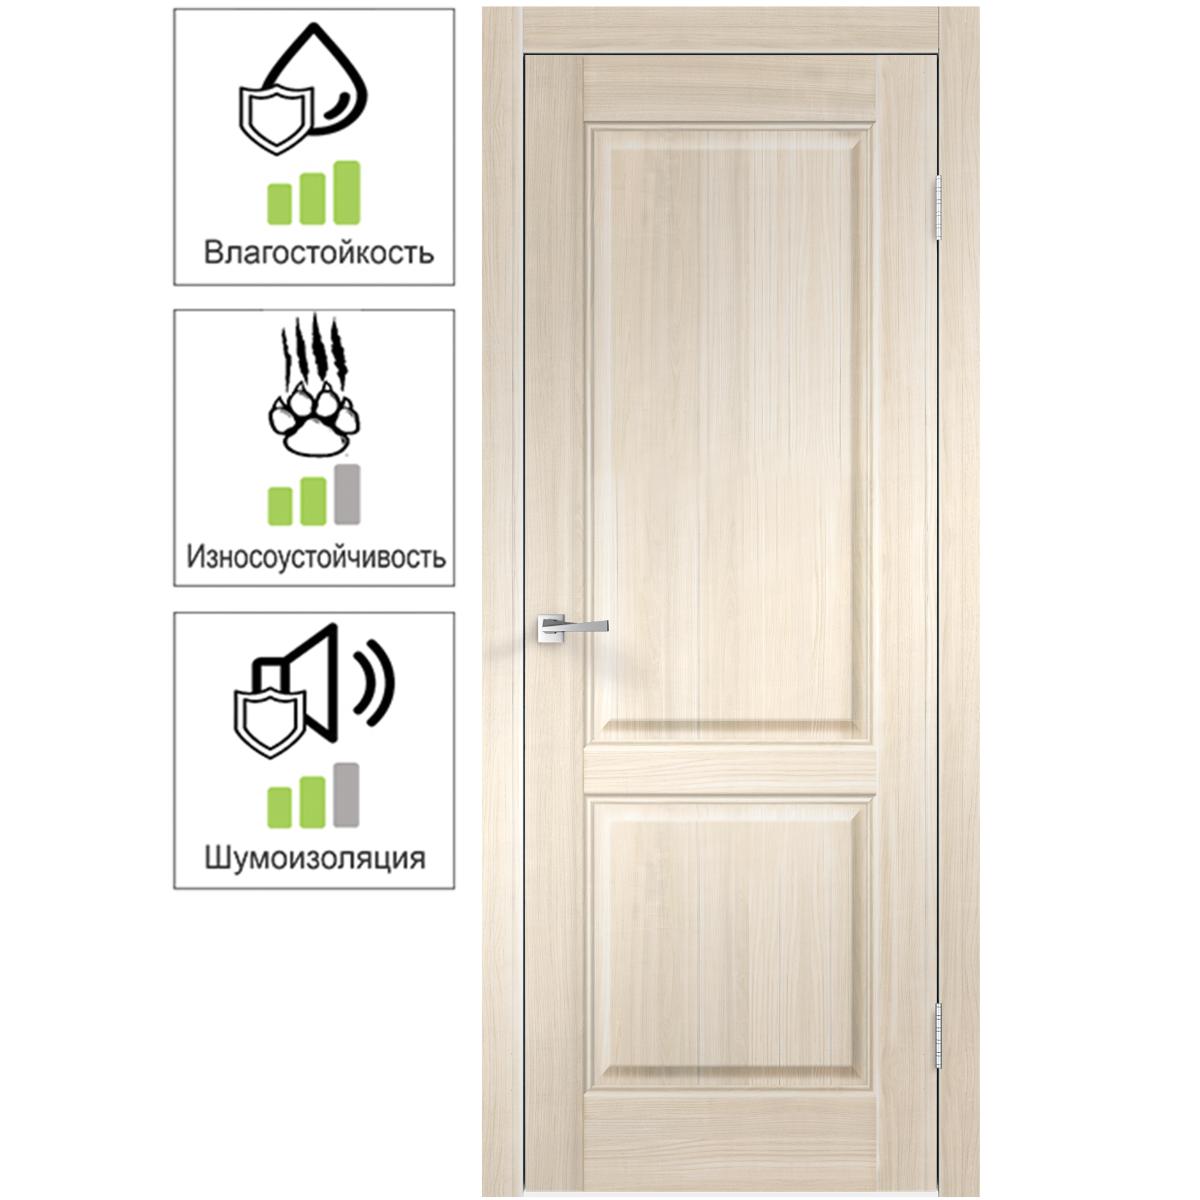 Дверь межкомнатная Вилла 2Р 80х200 см с фурнитурой ПВХ цвет японский ясень